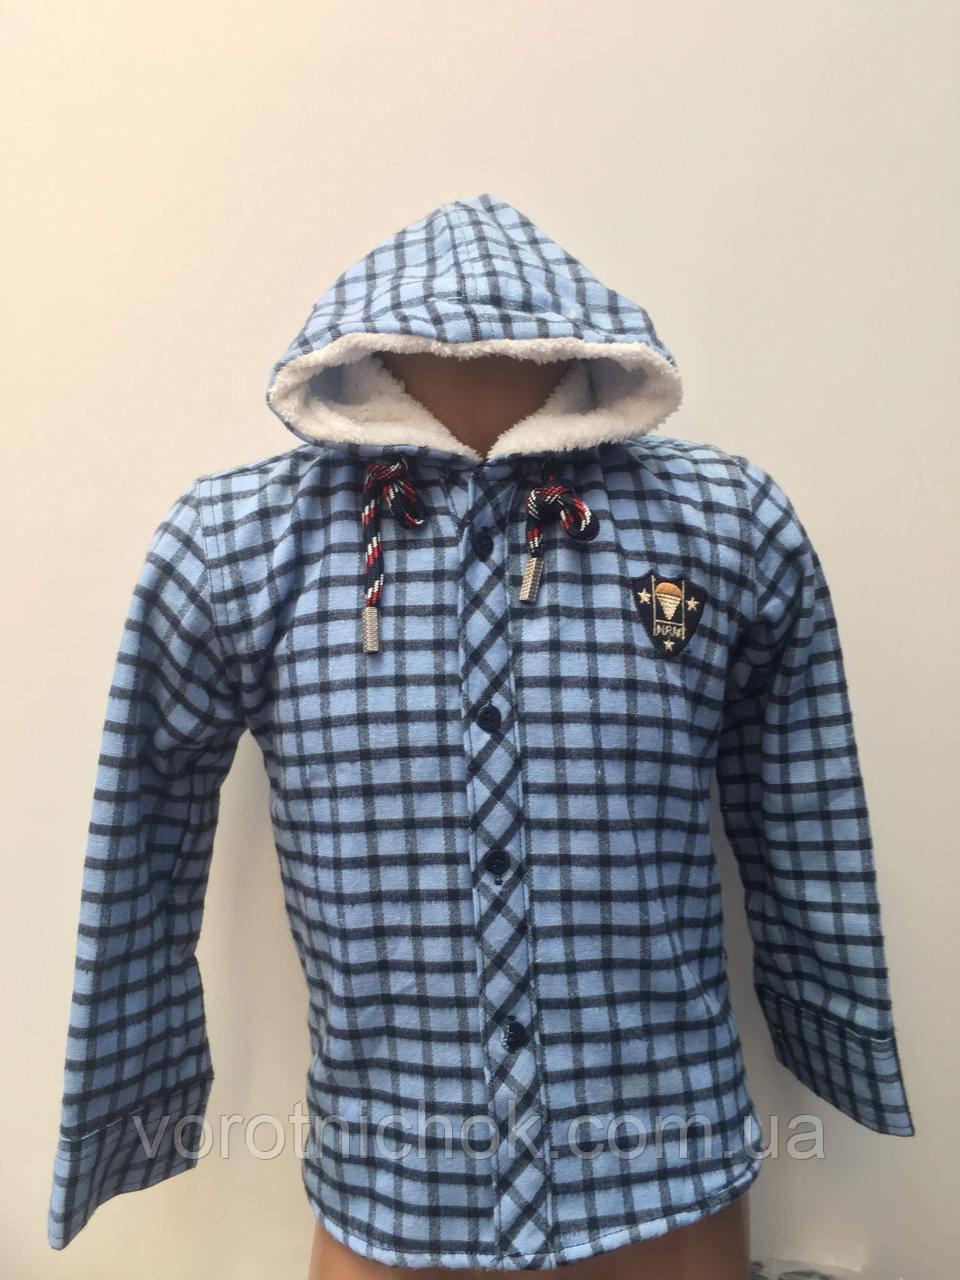 Теплая рубашка для мальчика с капюшоном 1-4 лет